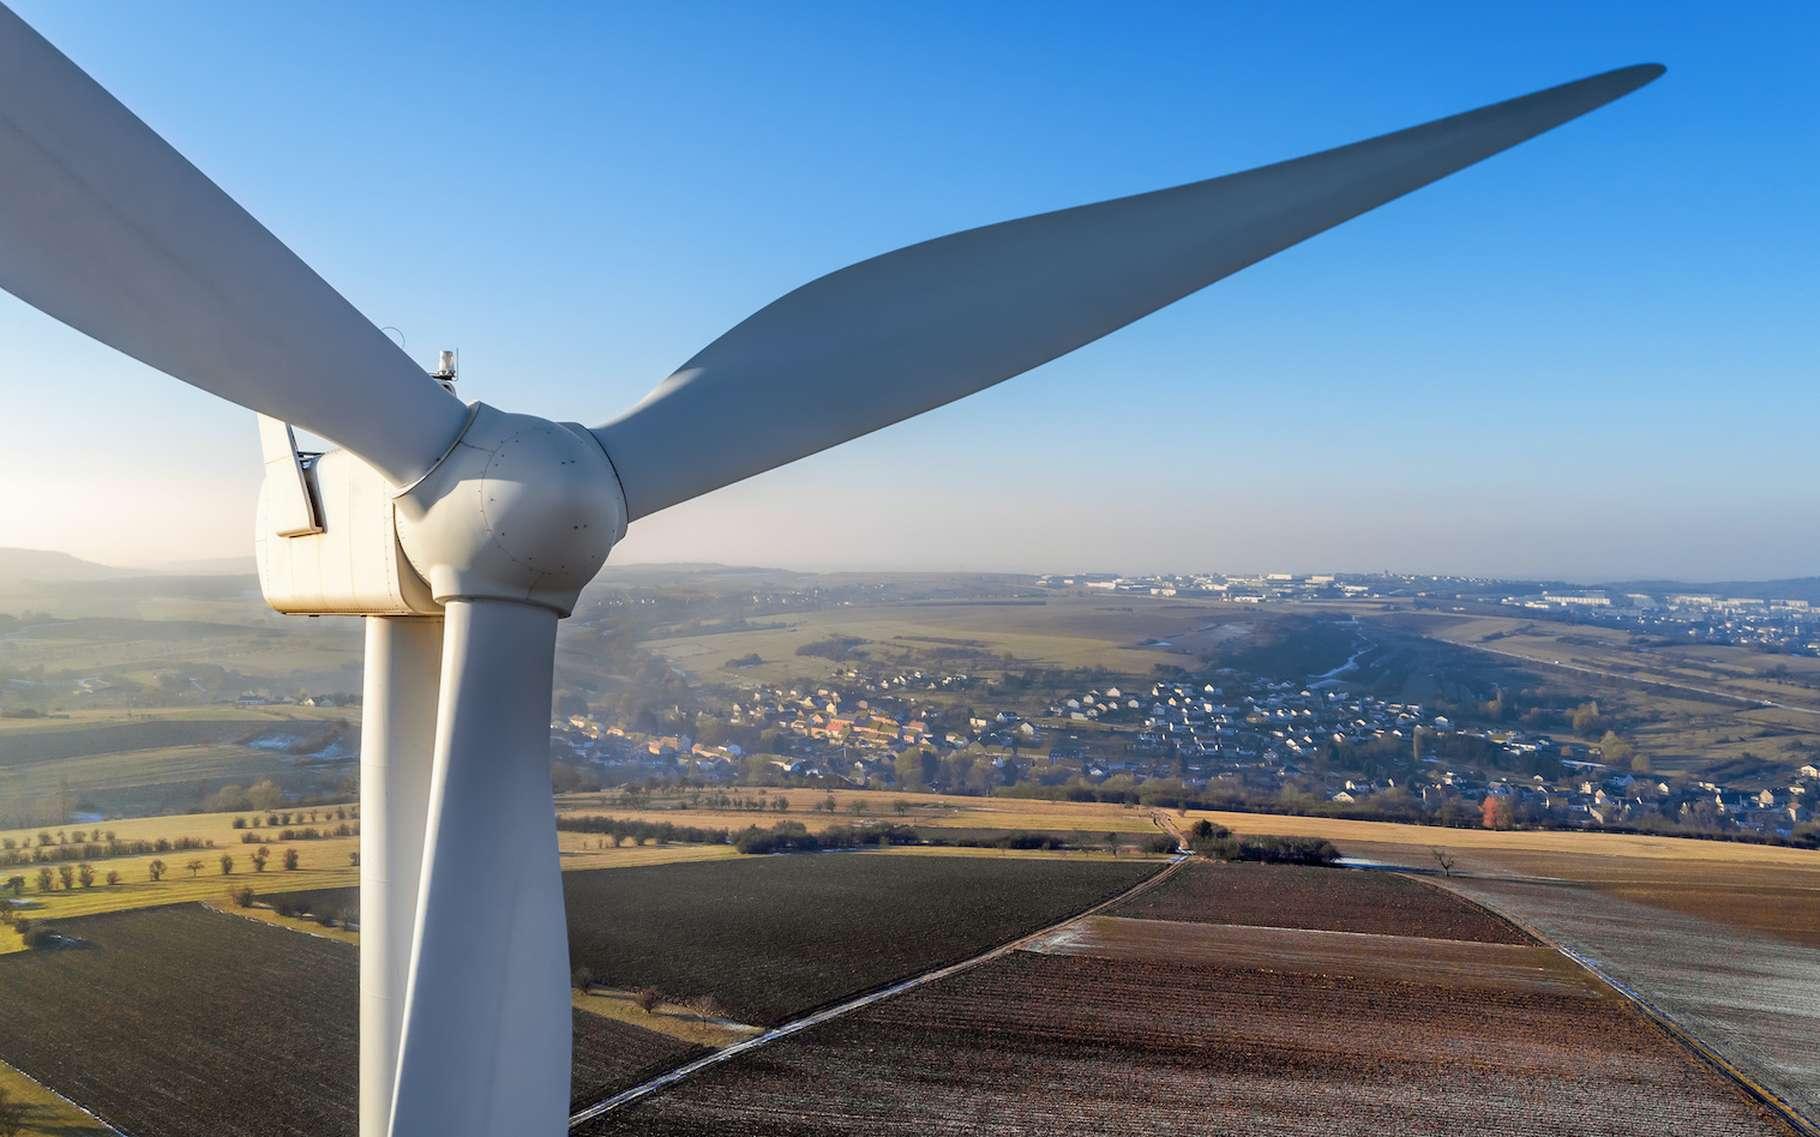 La France bénéficie du gisement éolien le plus important en Europe, après le Royaume-Uni. © tobago77, Adobe Stock